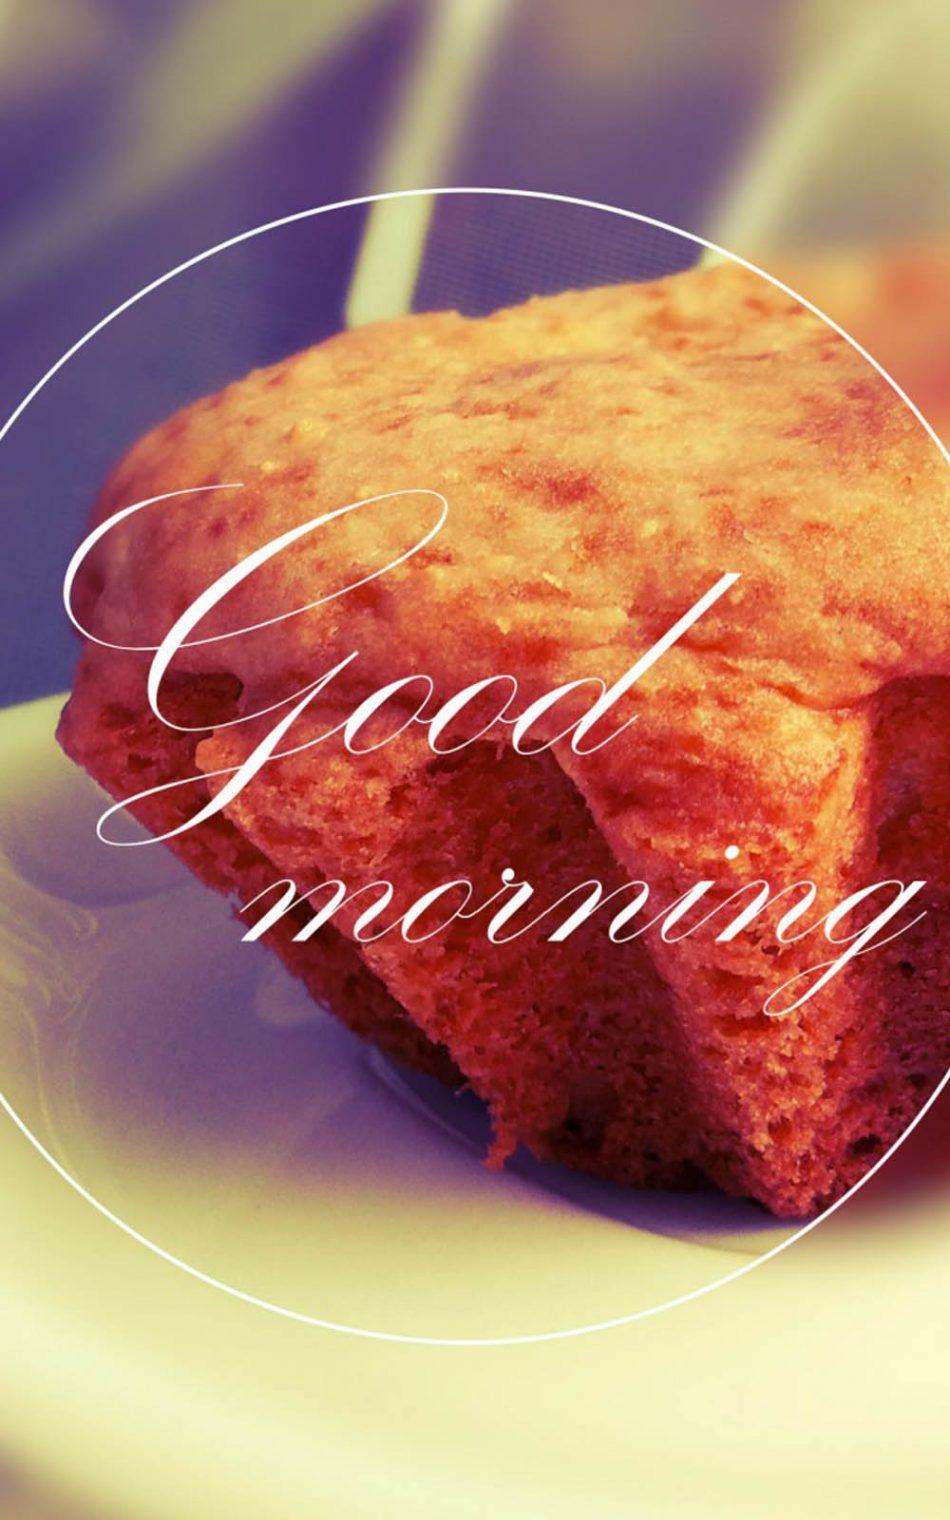 Good Morning Cupcake HD Mobile Wallpaper